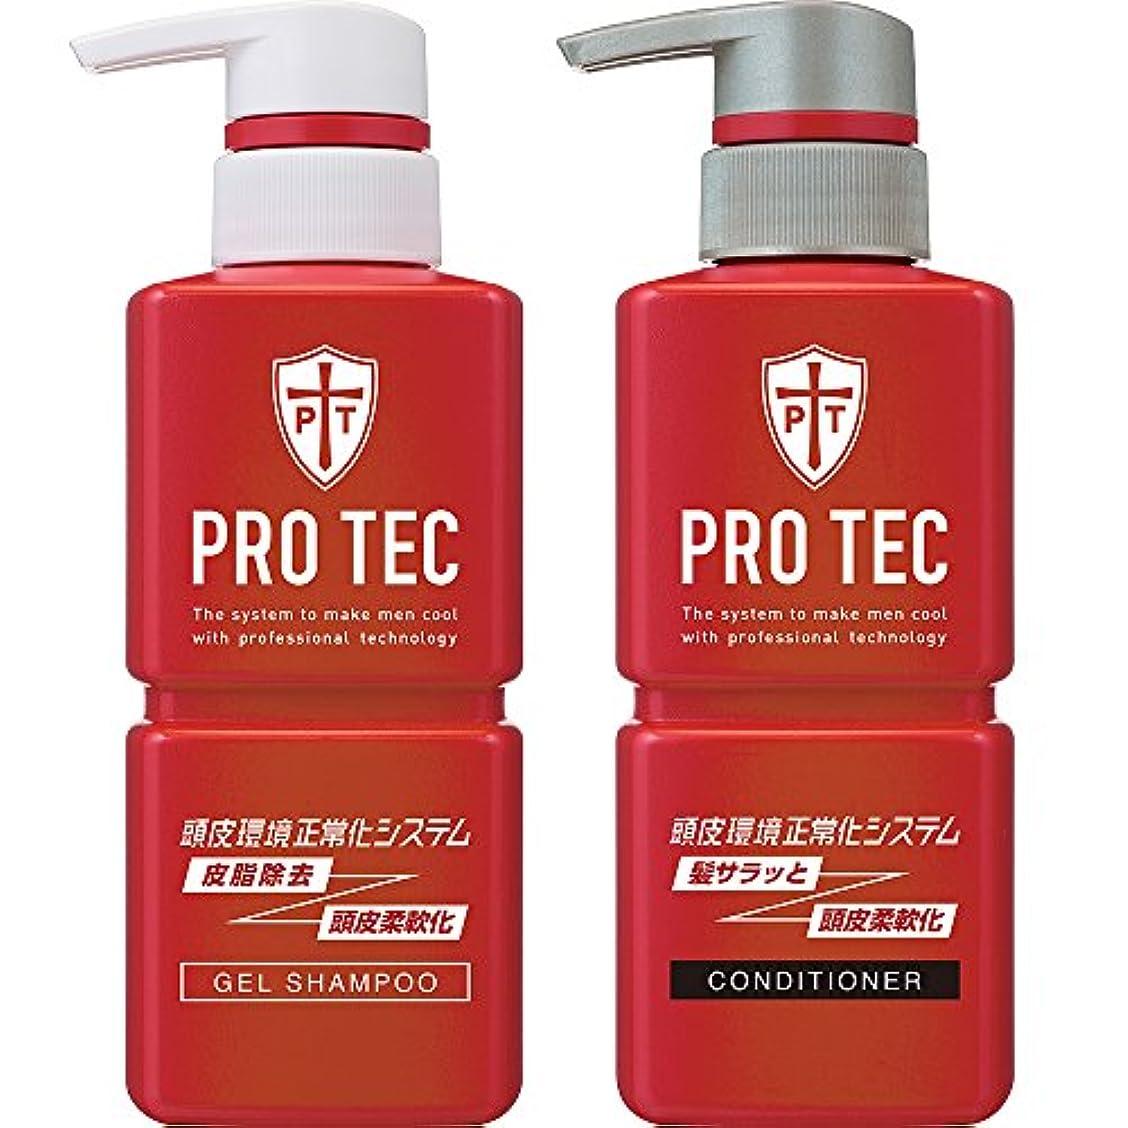 刺繍アッパー肥満PRO TEC(プロテク) 頭皮ストレッチ シャンプー ポンプ 300g(医薬部外品)+ コンディショナー ポンプ 300g